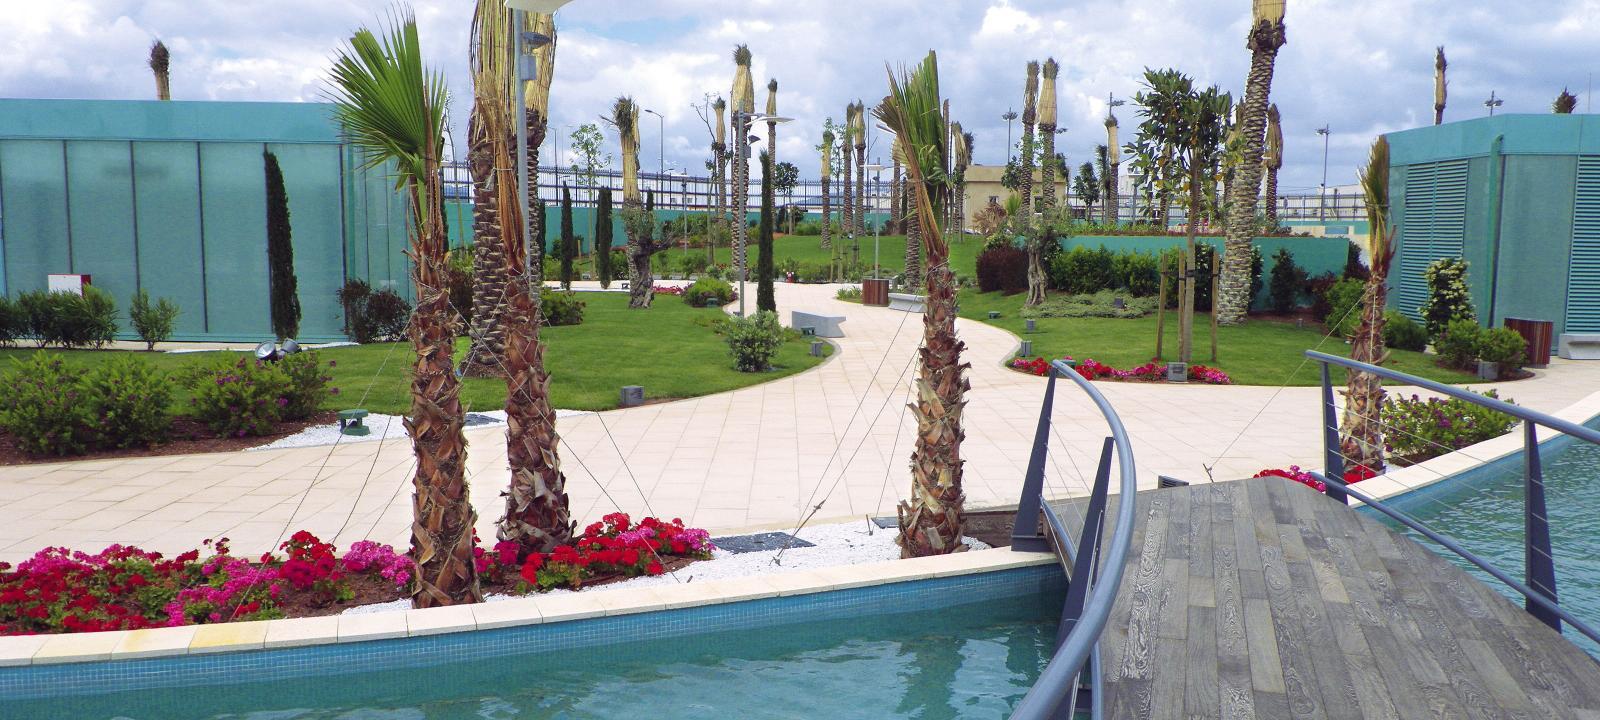 Le m ridien hotel convention centre oran drupal - Jardineria villanueva valencia ...